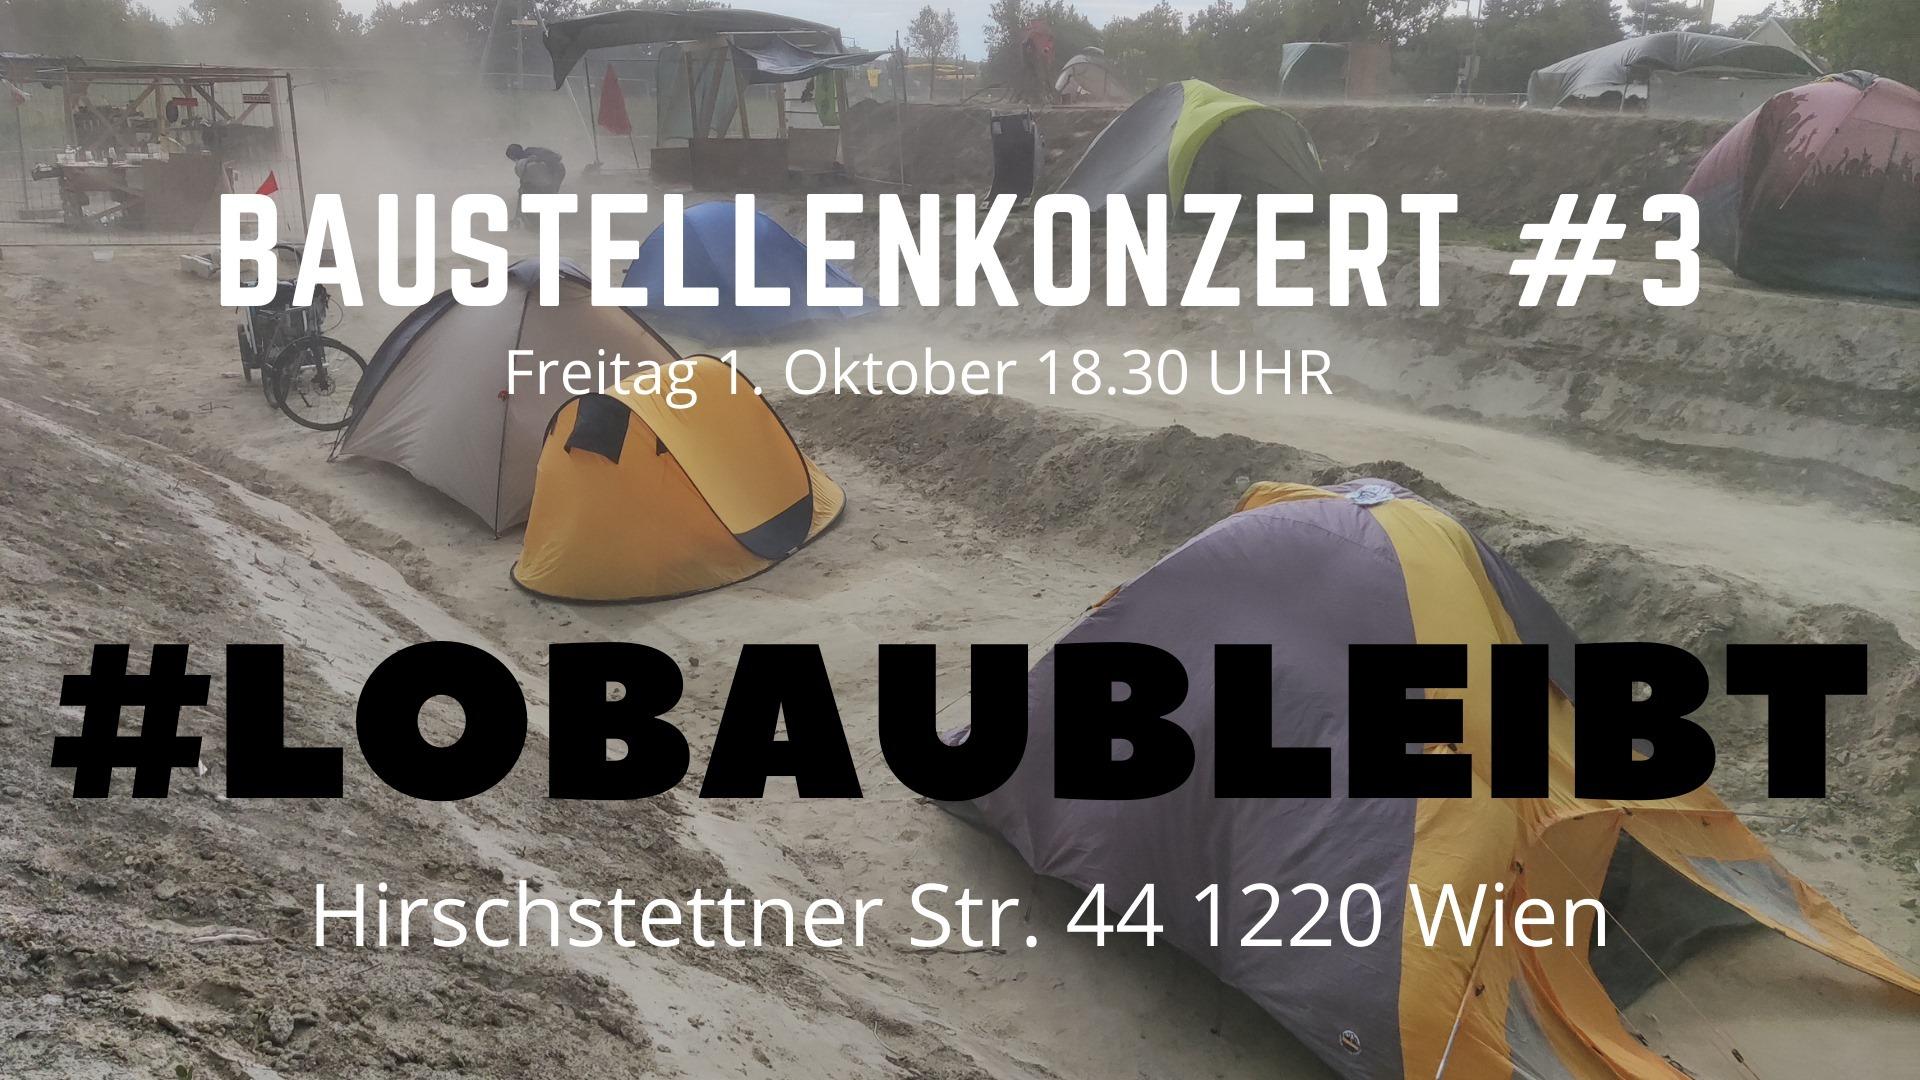 Baustellenkonzert #3, Freitag 1. Oktober 18:30 Uhr, # LOBAUBLEIBT, Hirschstettner Straße 44 1220 Wien